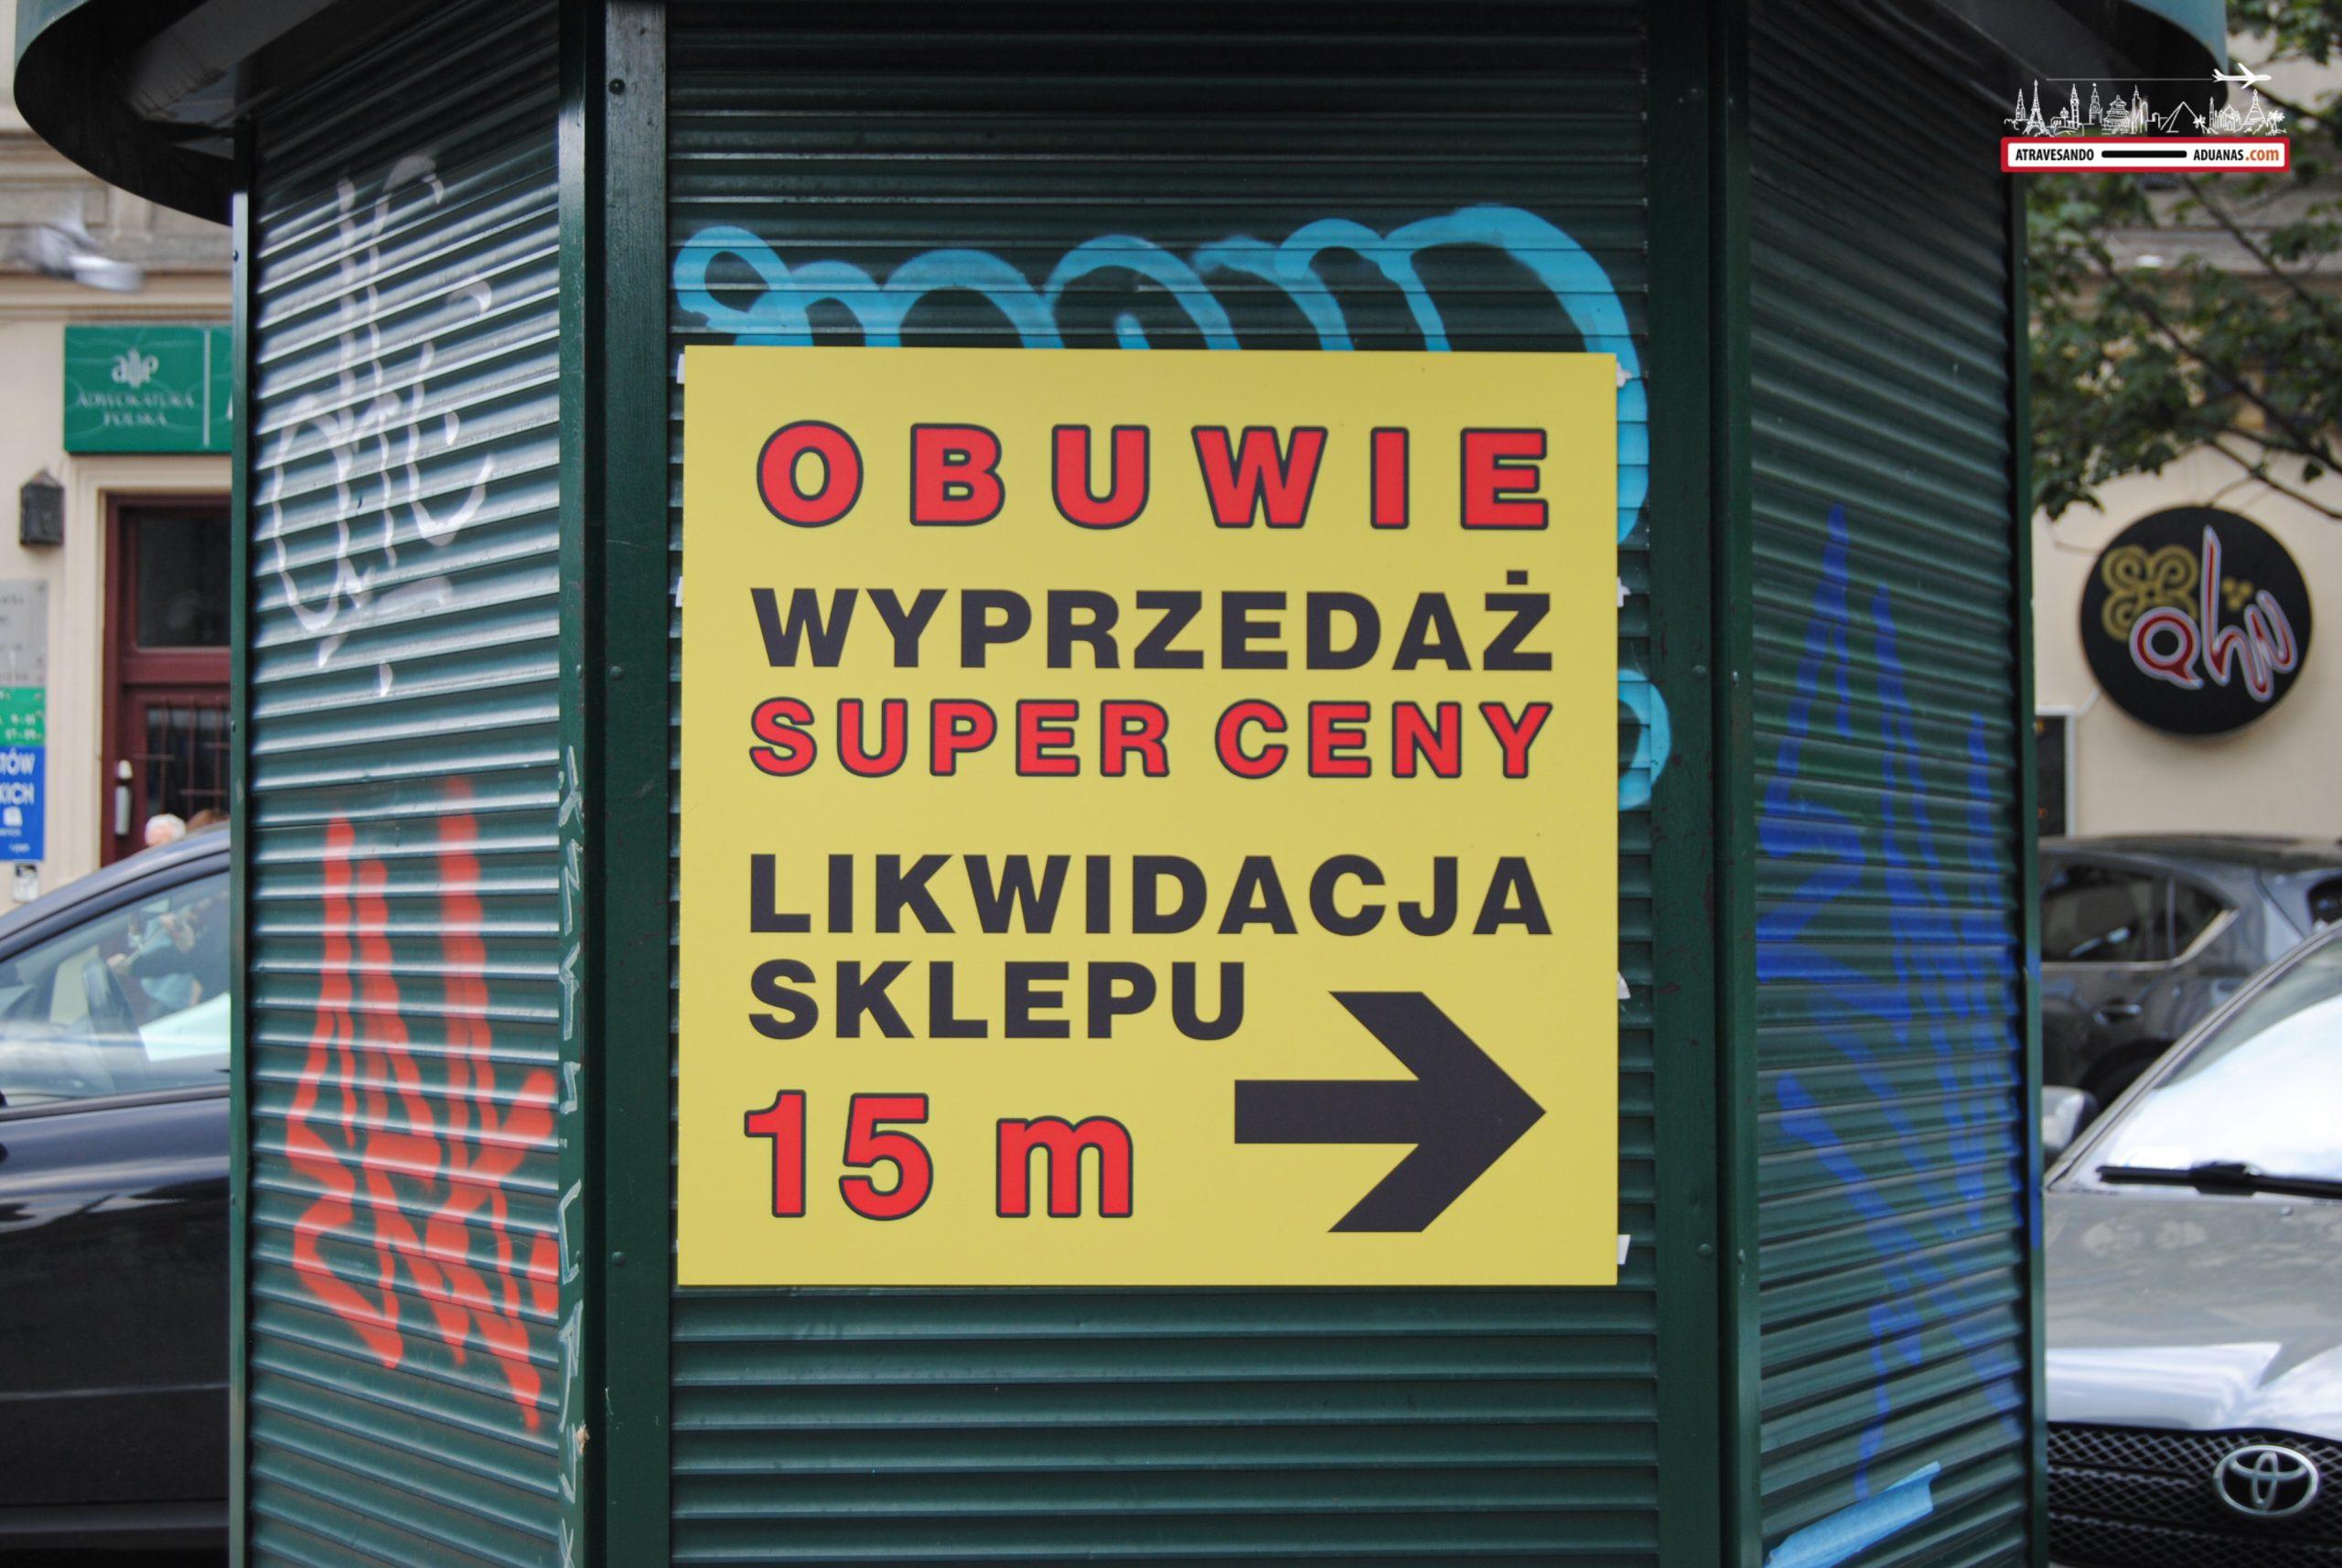 Cartel en polaco en Cracovia